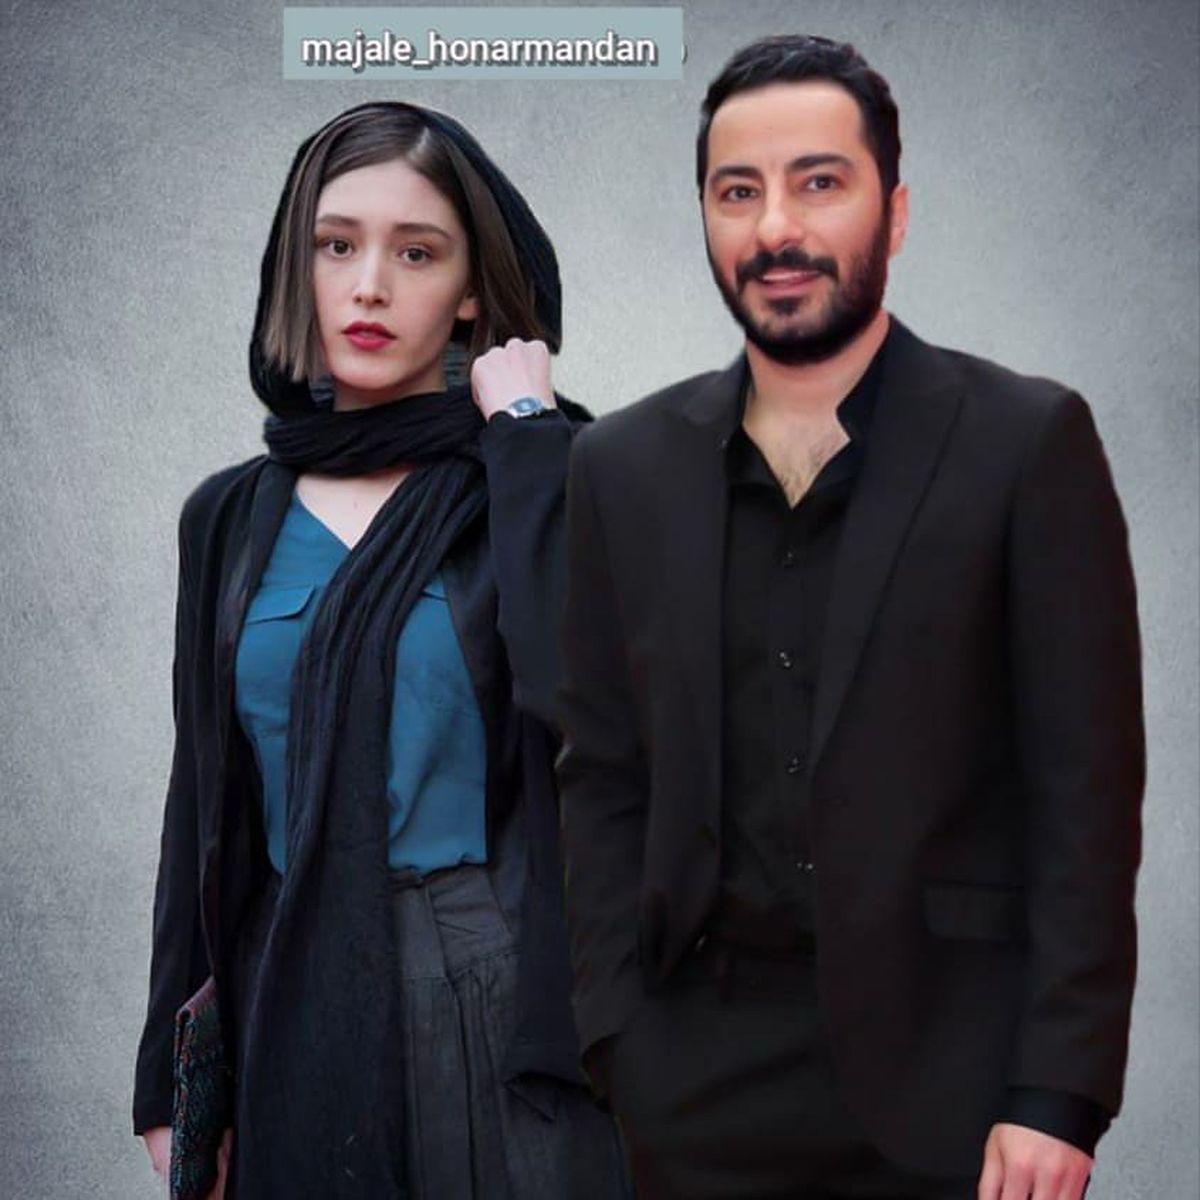 عکس لورفته از حلقه نگین دار و گران قیمت فرشته حسینی + عکس